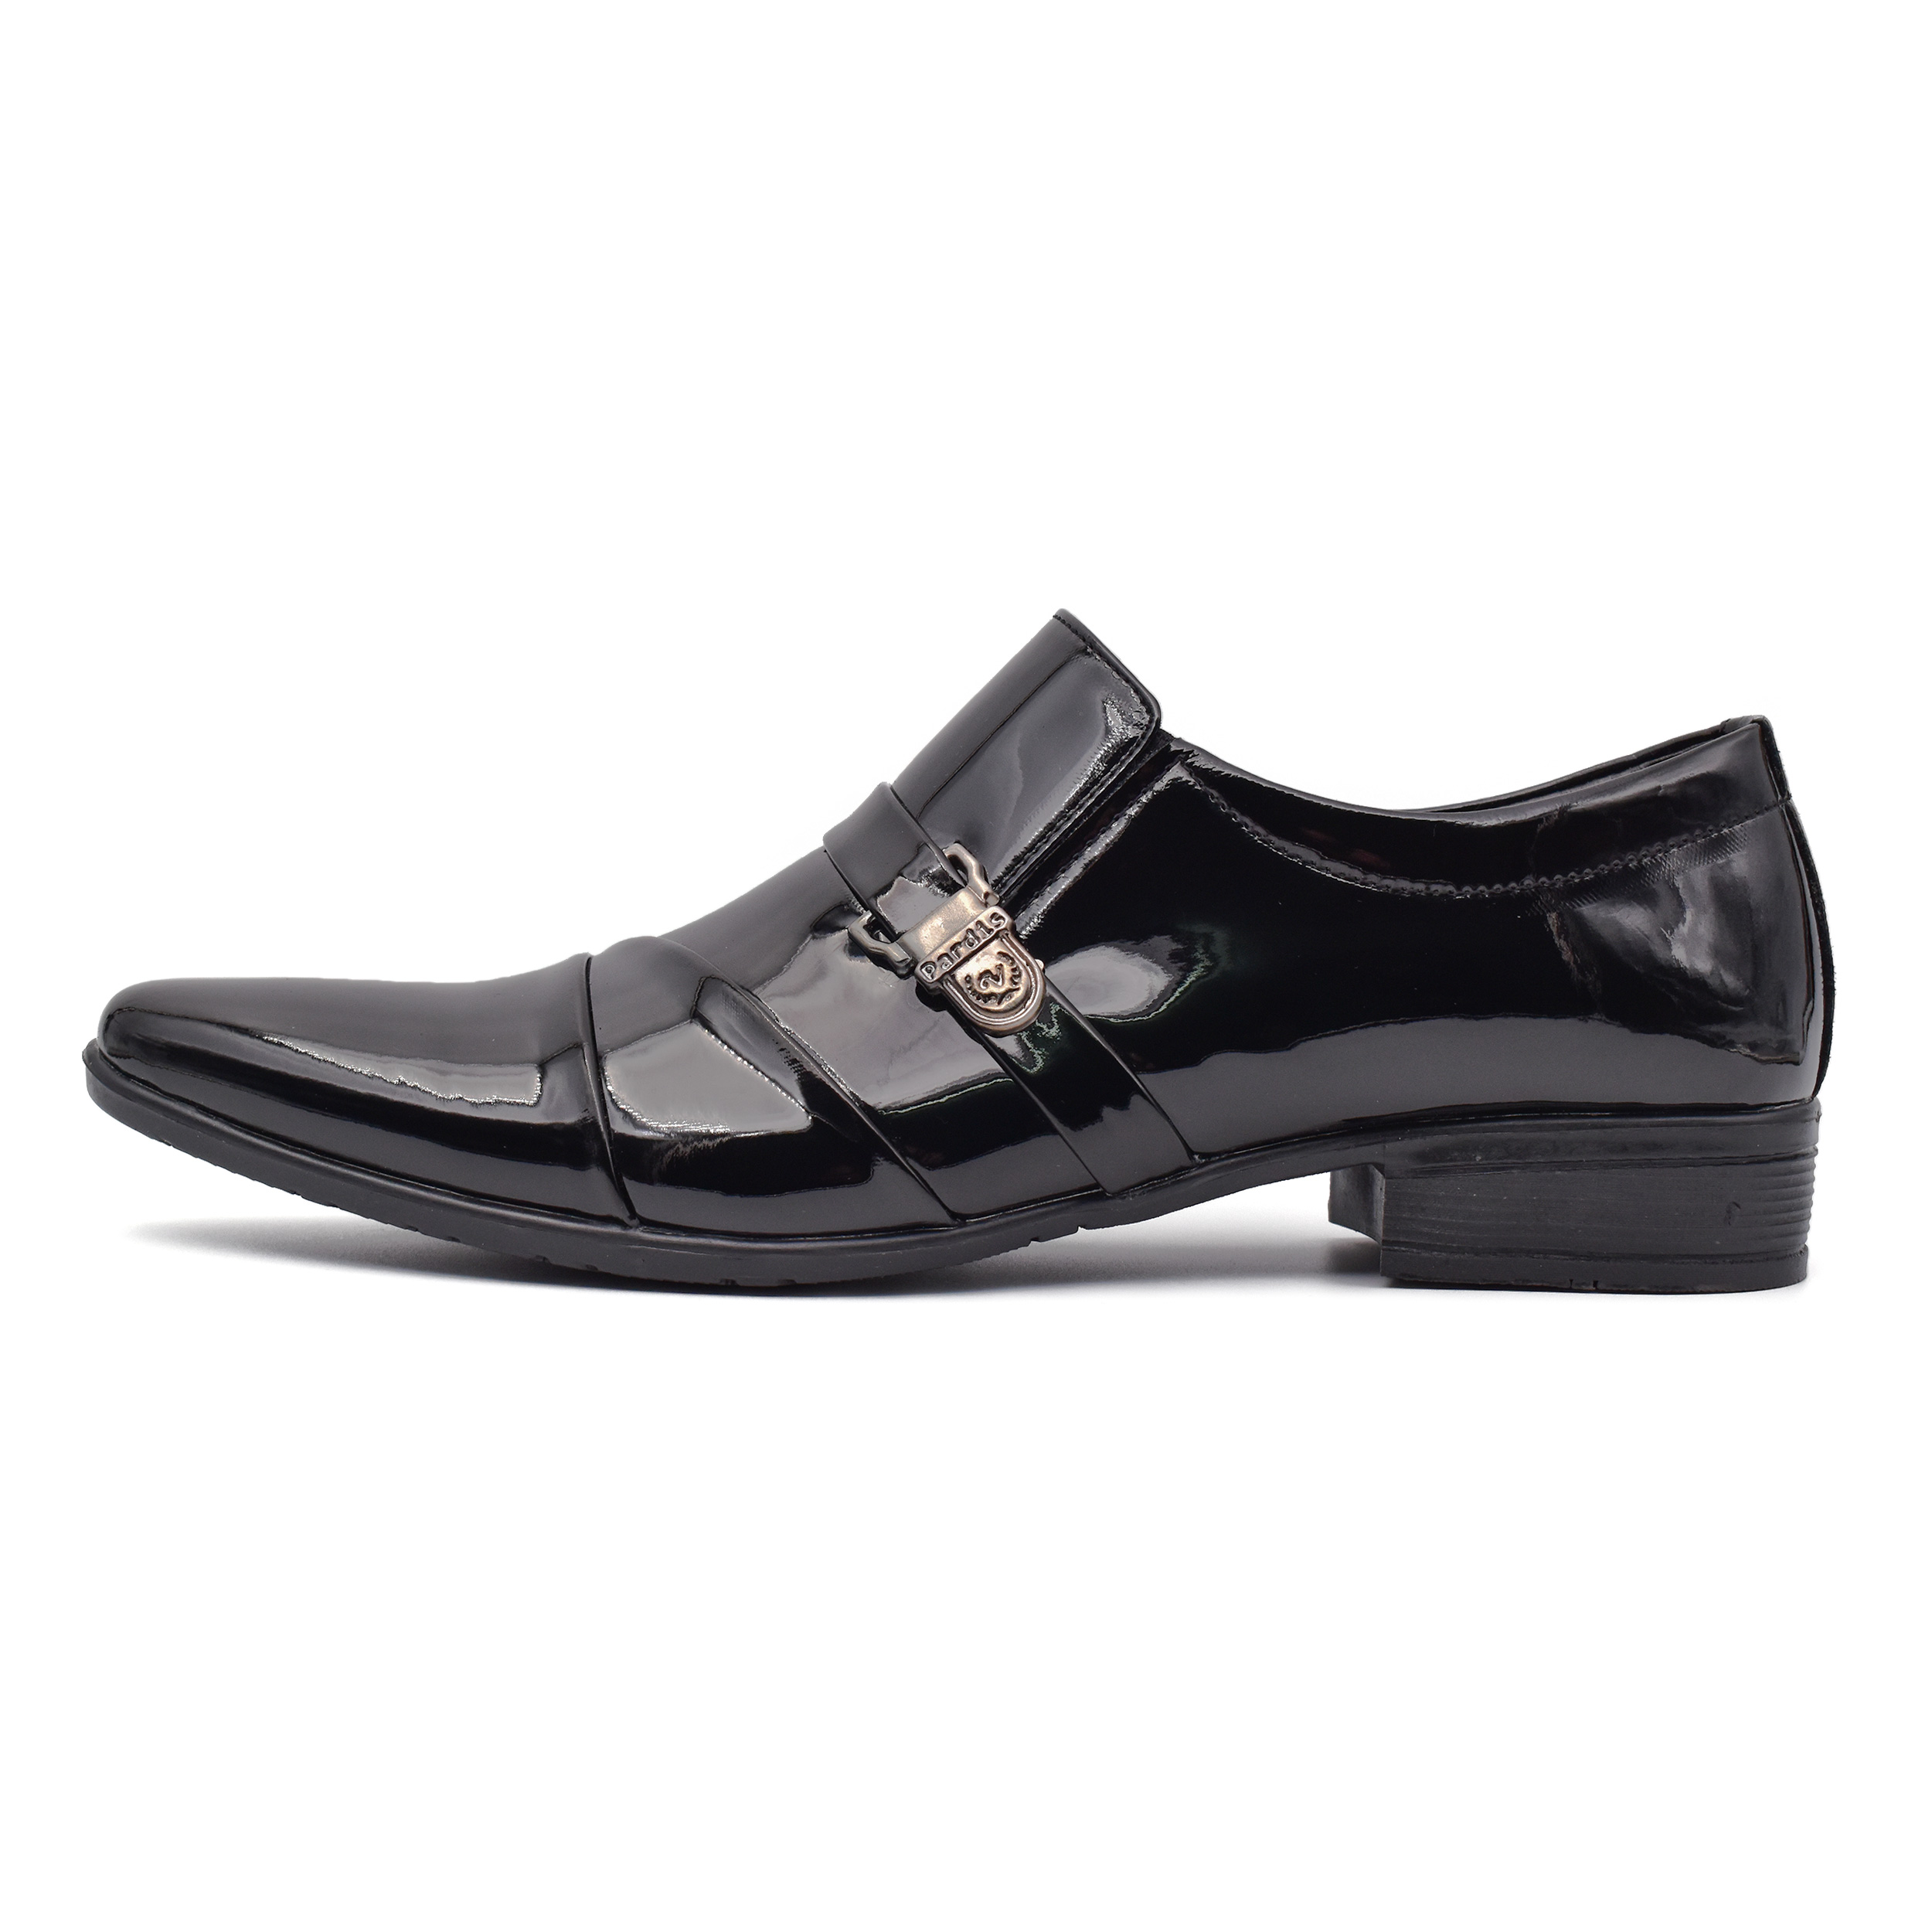 کفش مردانه مدل پردیس کد 6748